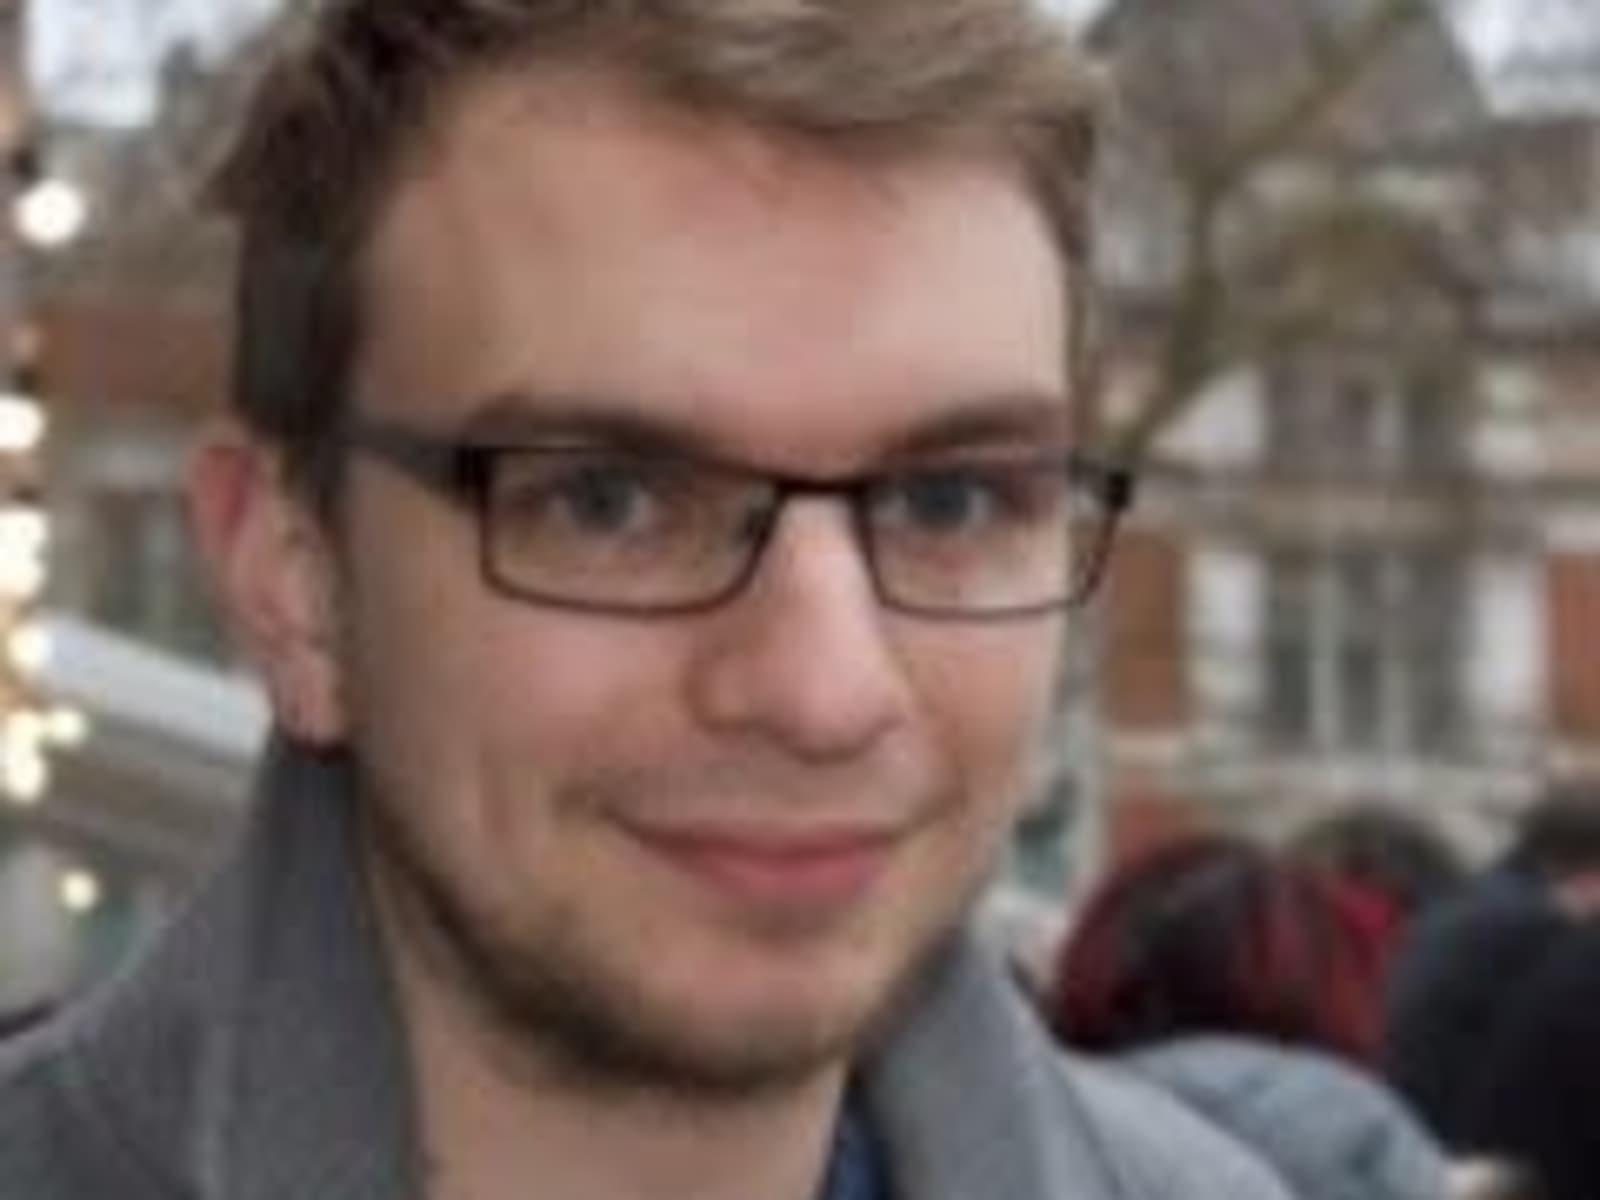 Edward from Oxford, United Kingdom